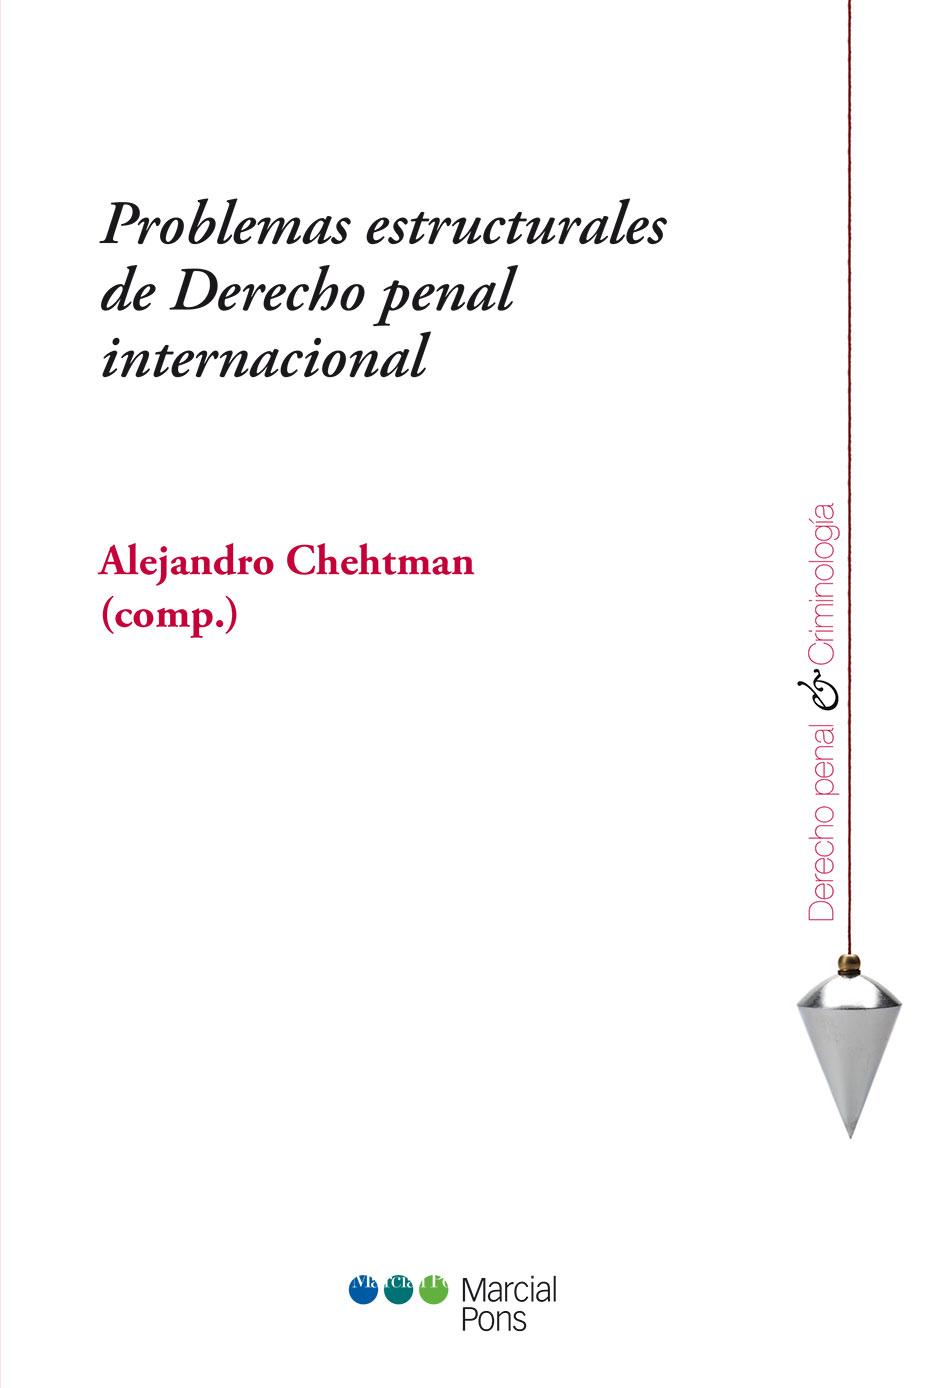 Portada del libro Problemas estructurales de Derecho penal internacional